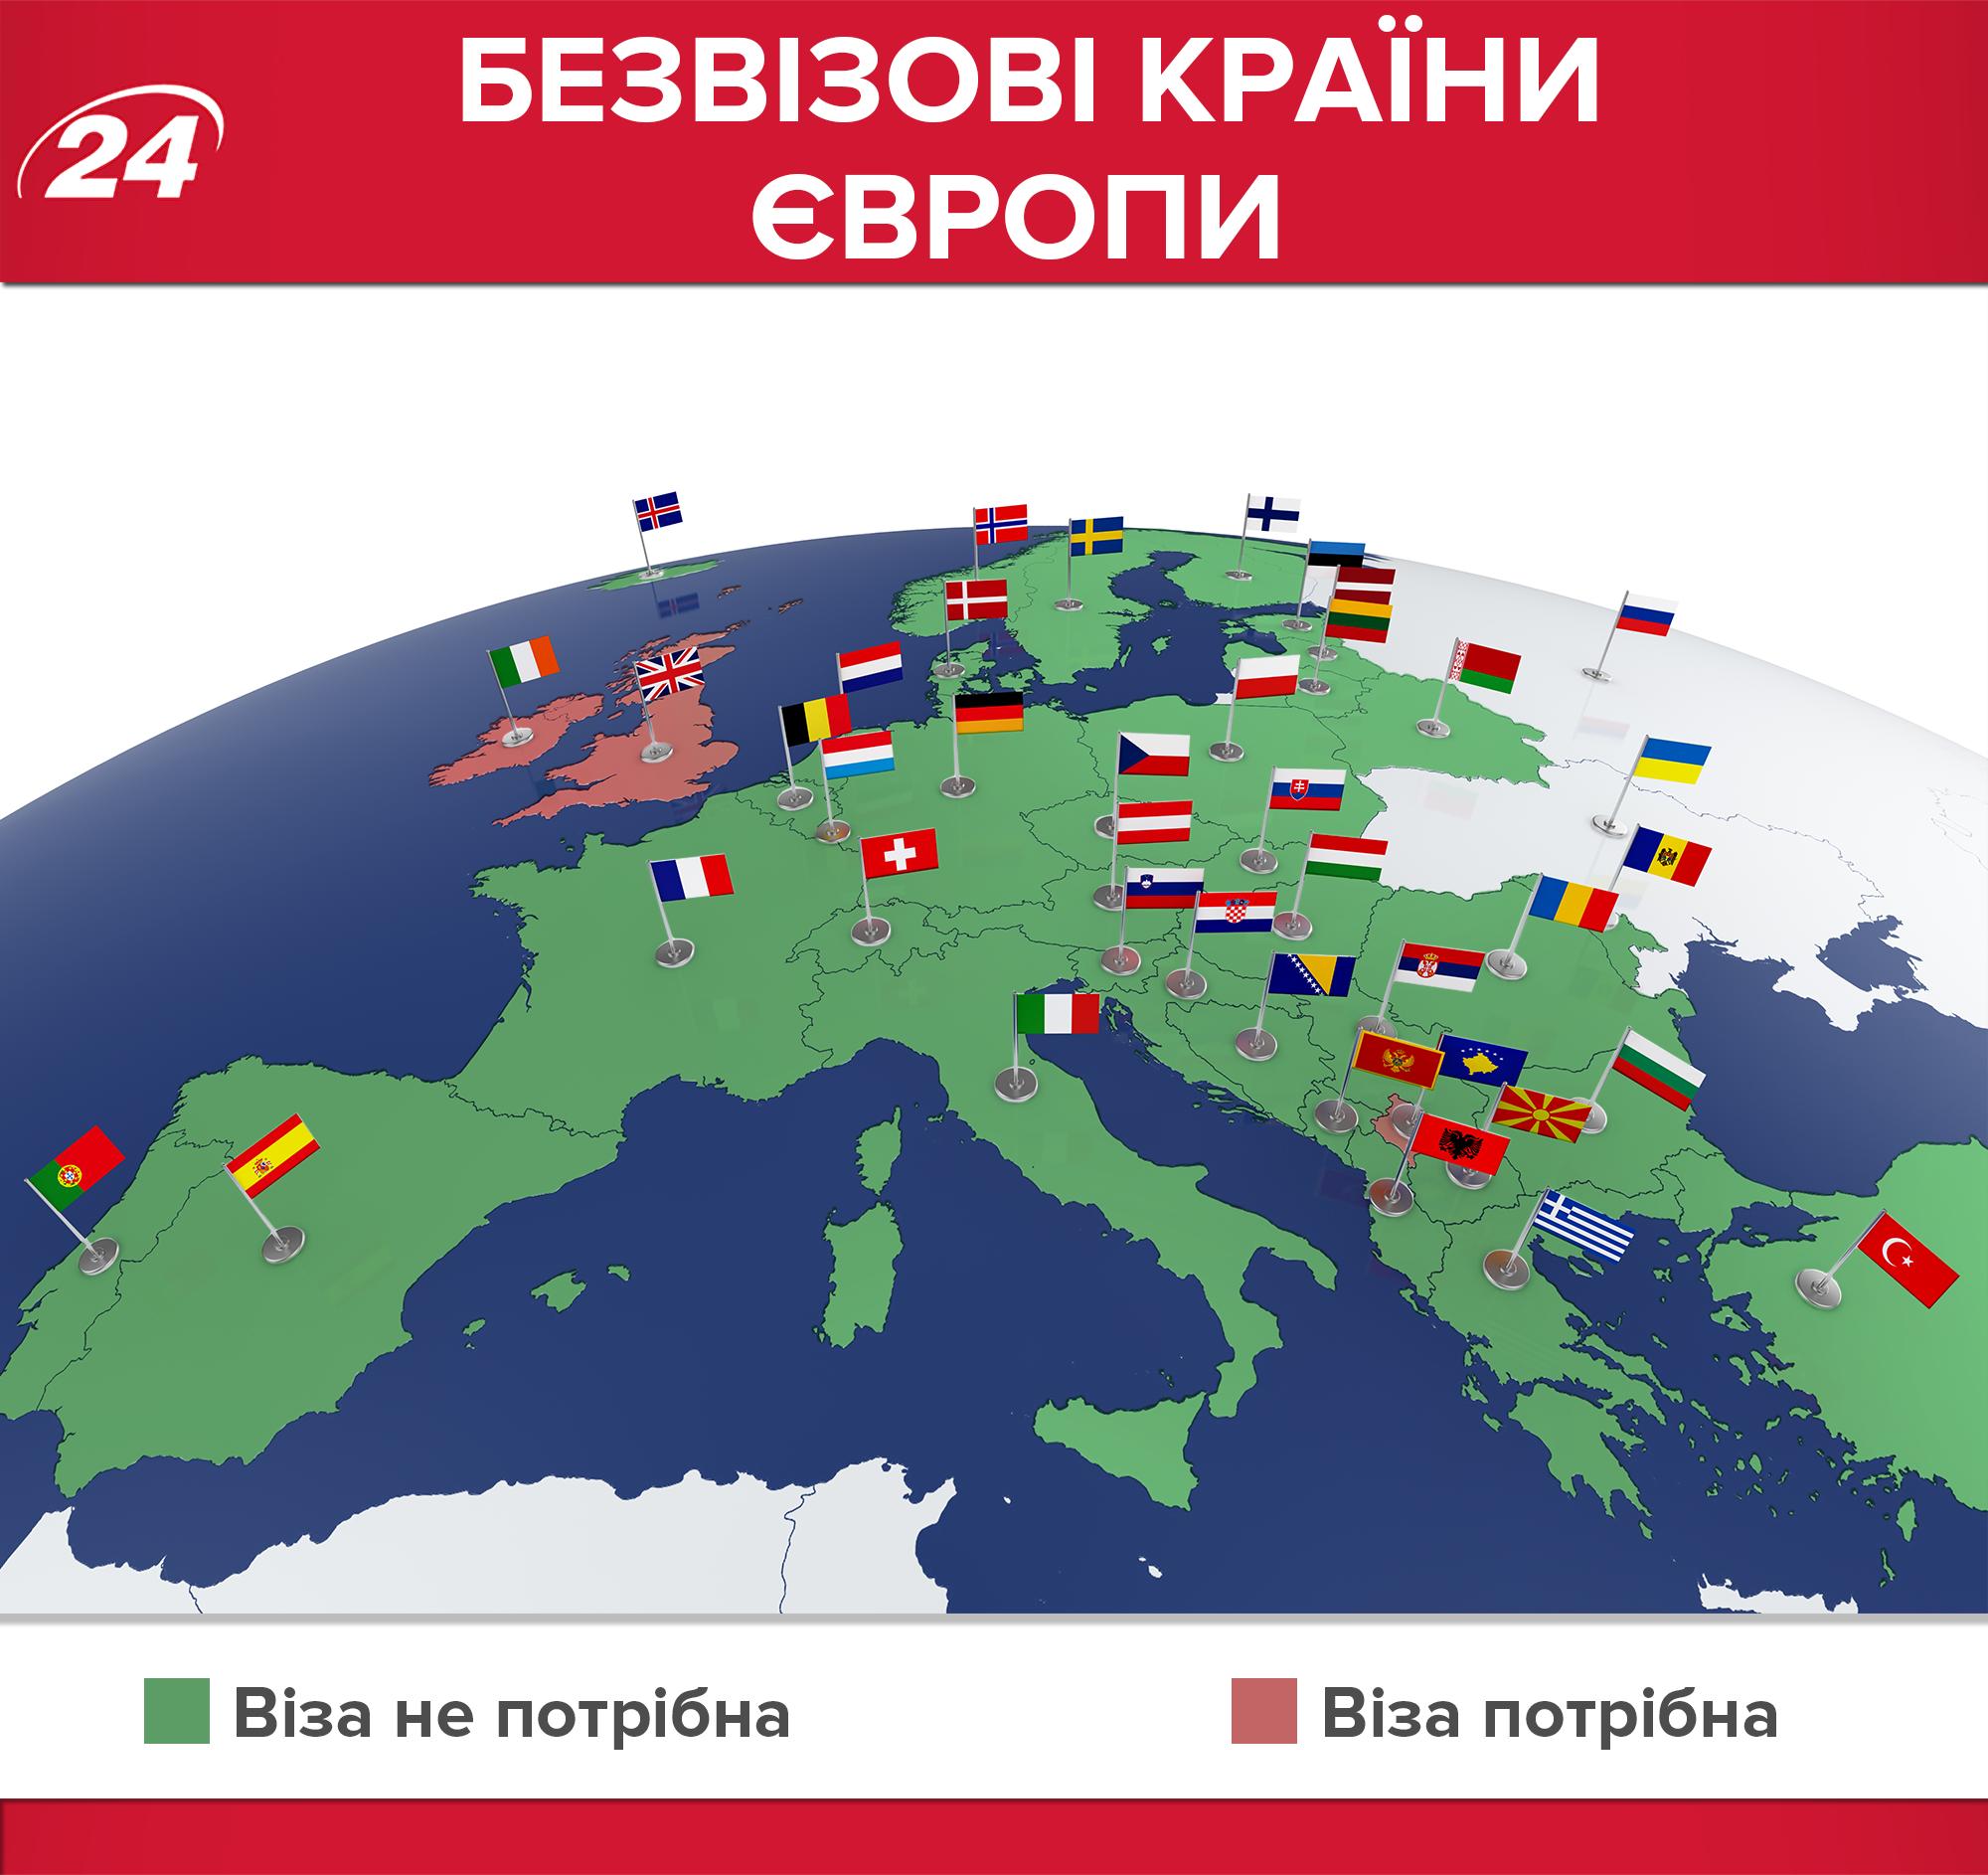 країни безвіз список куди українці можуть у Європі їздити без віз безвізовий режим